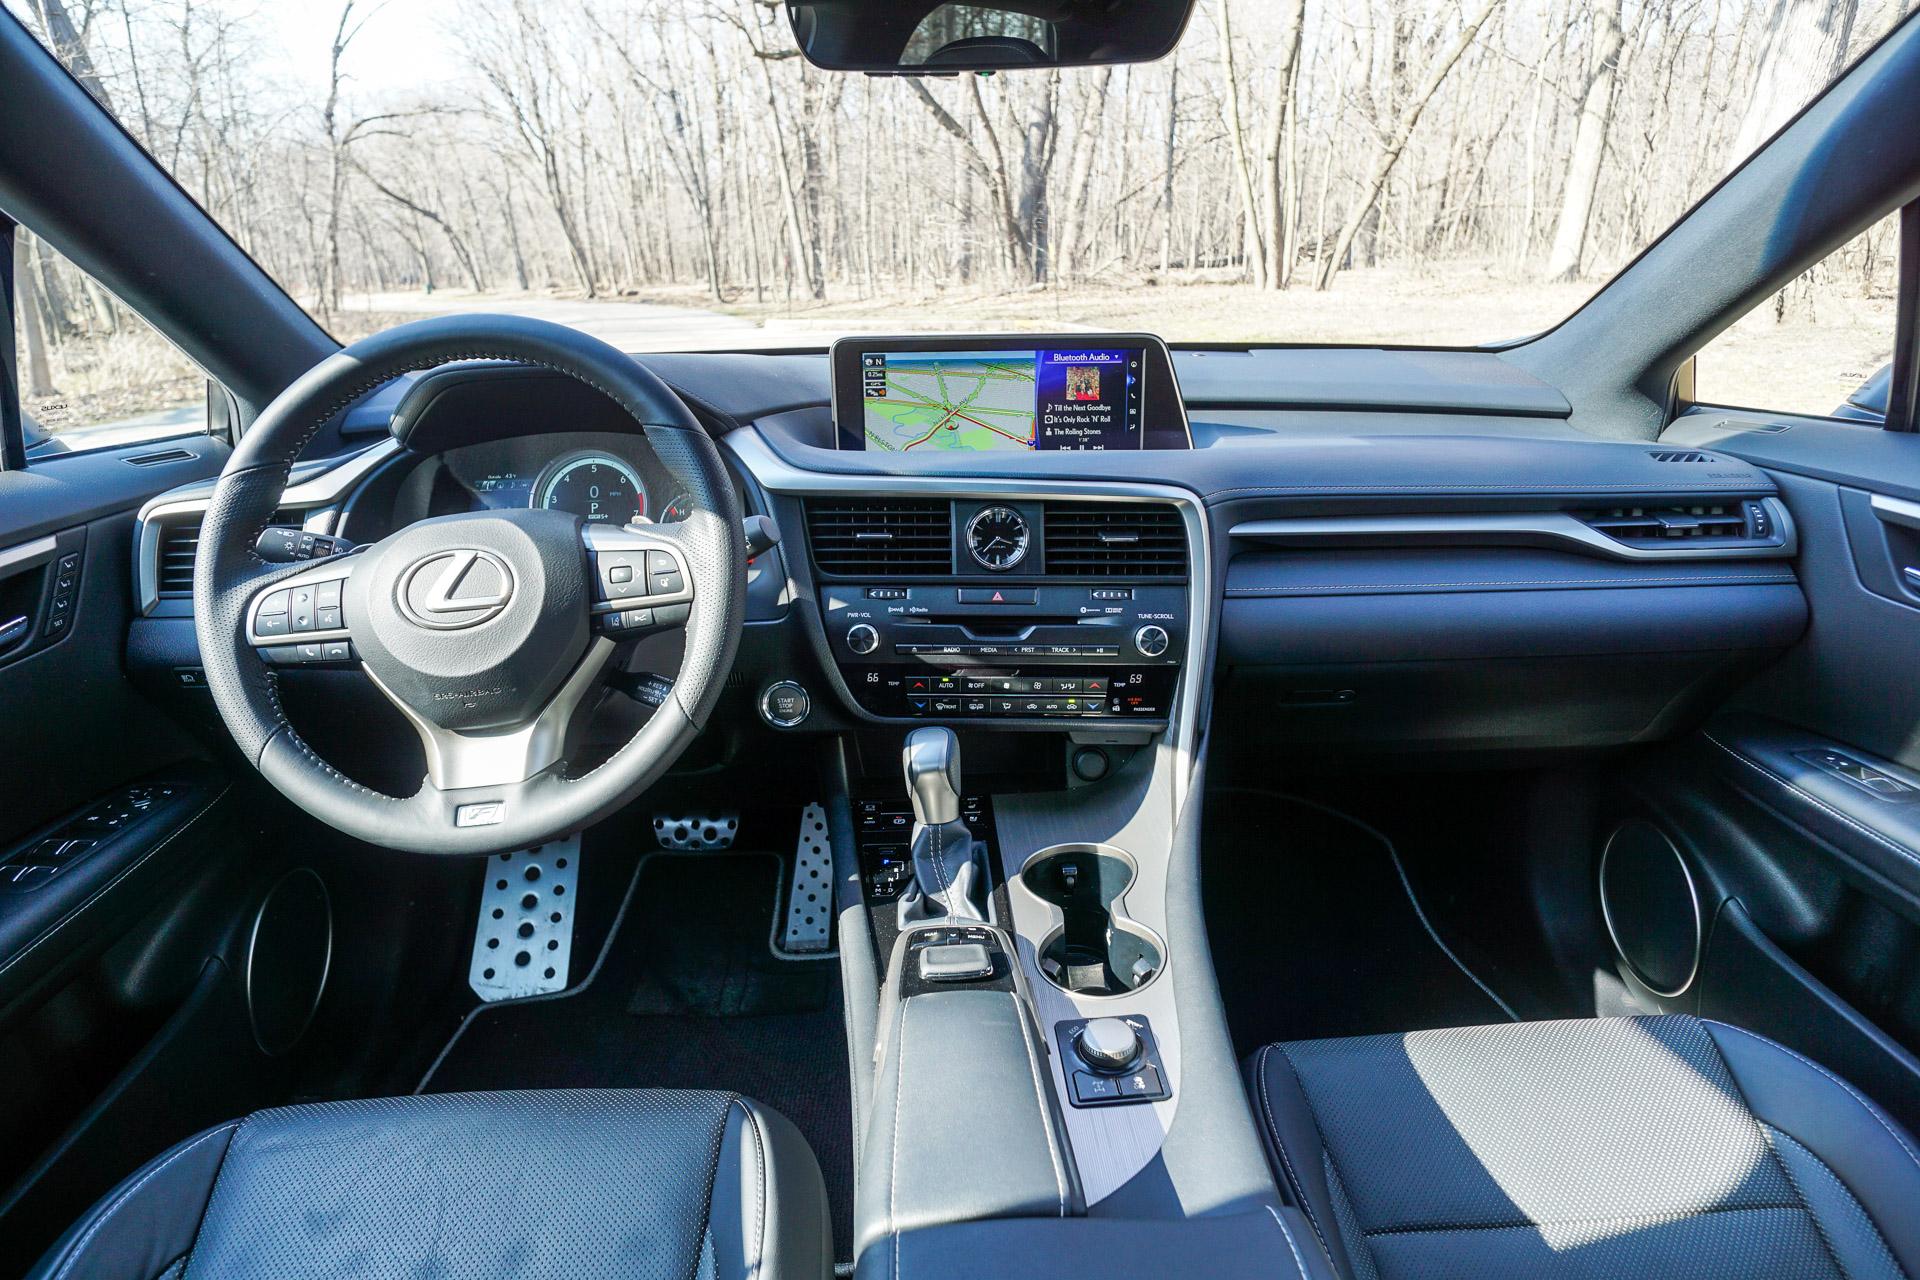 Review 2016 Lexus RX 350 F Sport AWD 95 Octane